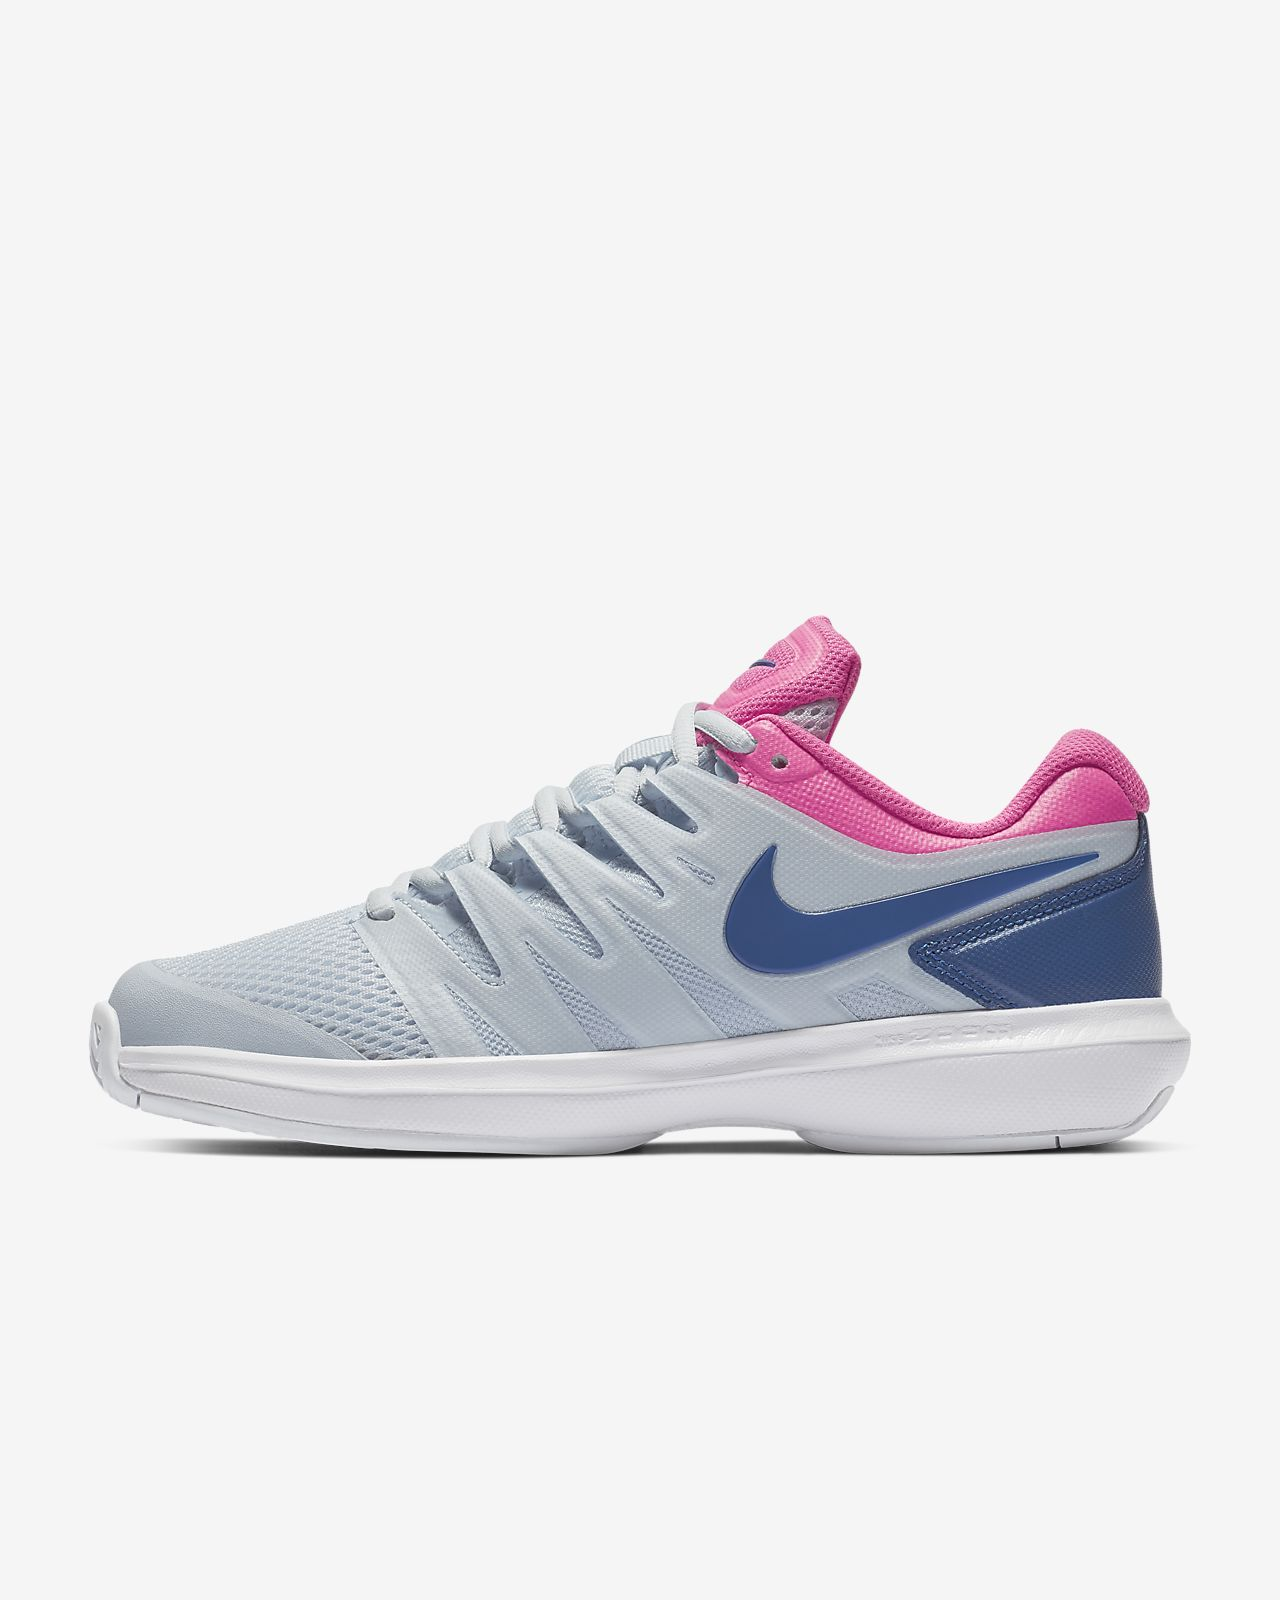 finest selection b4e2d d8b33 ... Chaussure de tennis pour surface dure NikeCourt Air Zoom Prestige pour  Femme